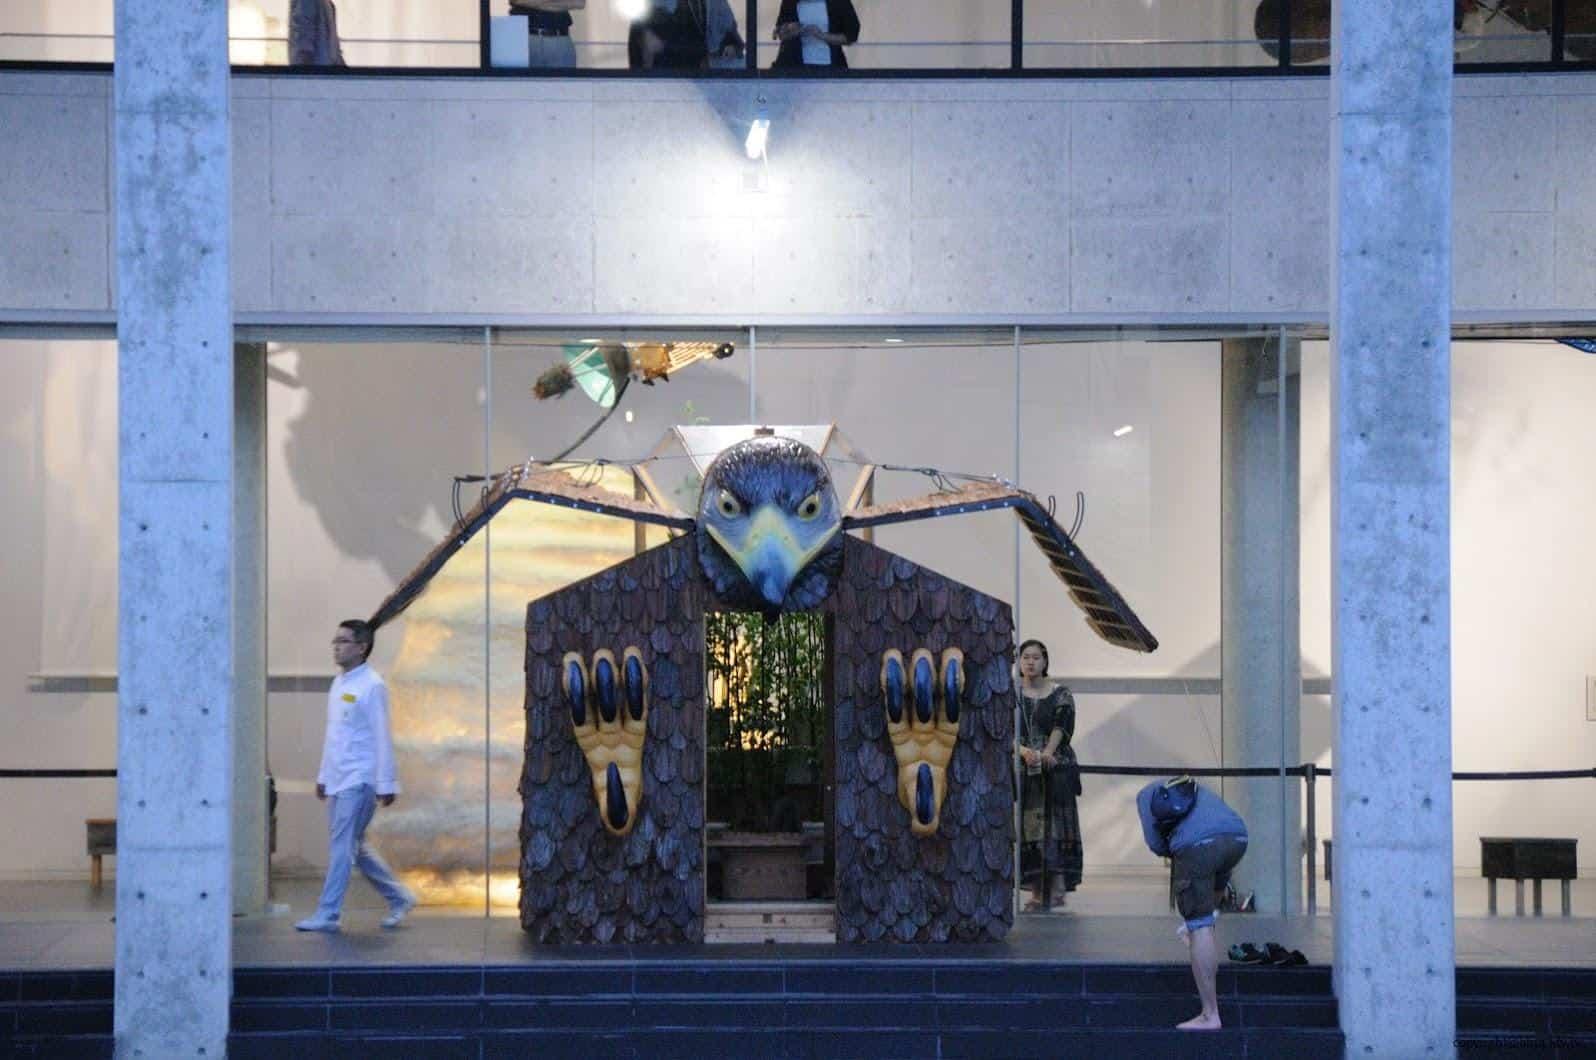 原廣司+ATELIER建築研究所,越後妻有里山現代美術館,2018企劃展「方丈記私記」,千變萬化的方格世界,讓藝術家們在長寬高皆約3公尺的「一方丈」空間裡,打造出他們想像中的世界 越後妻有里山現代美術館 越後妻有里山現代美術館 echigo tsumari kouryukan echigo tsumari exchange center 10